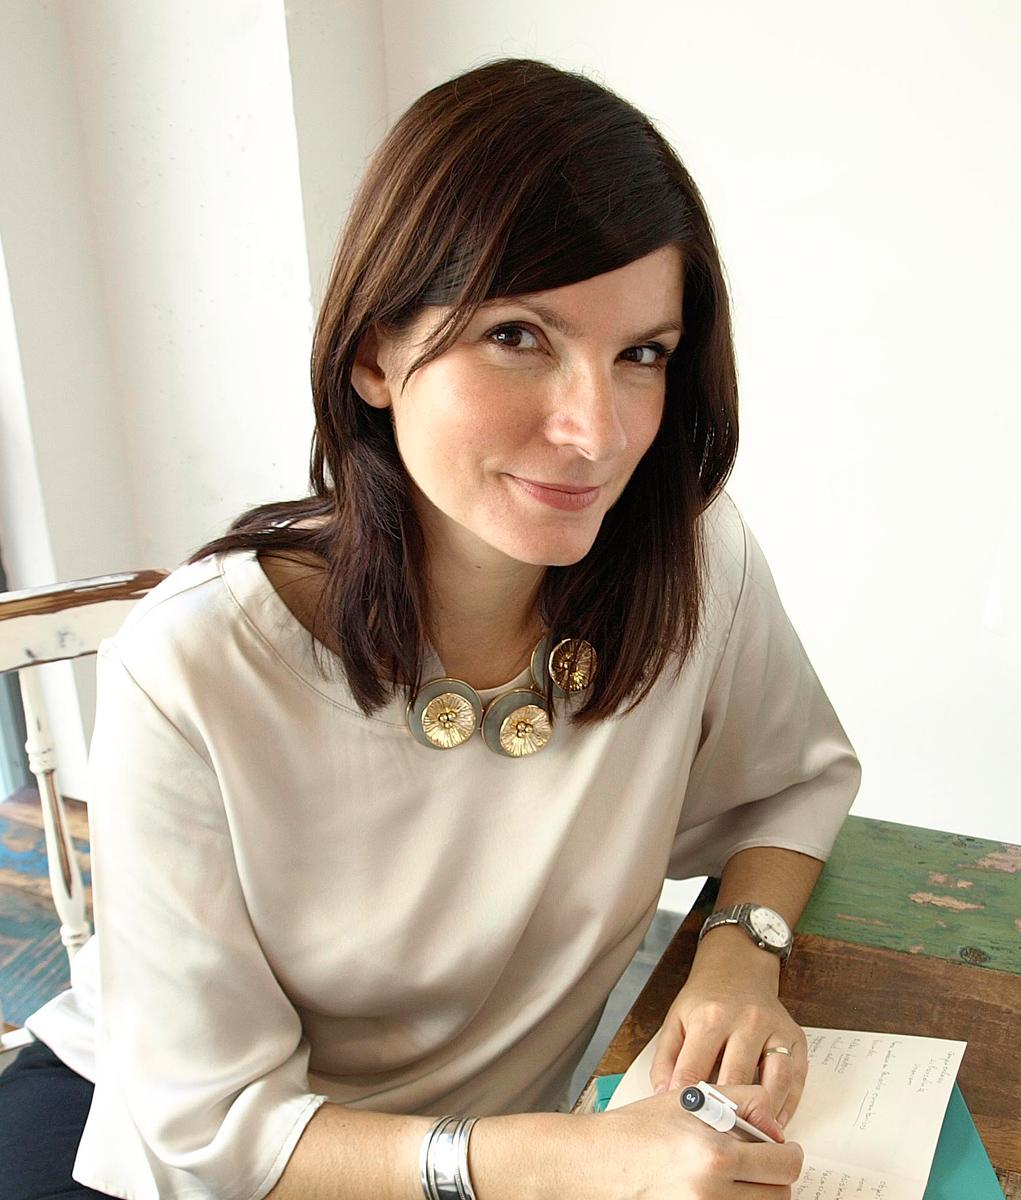 Anne-consultora-el-columpio-digital-home